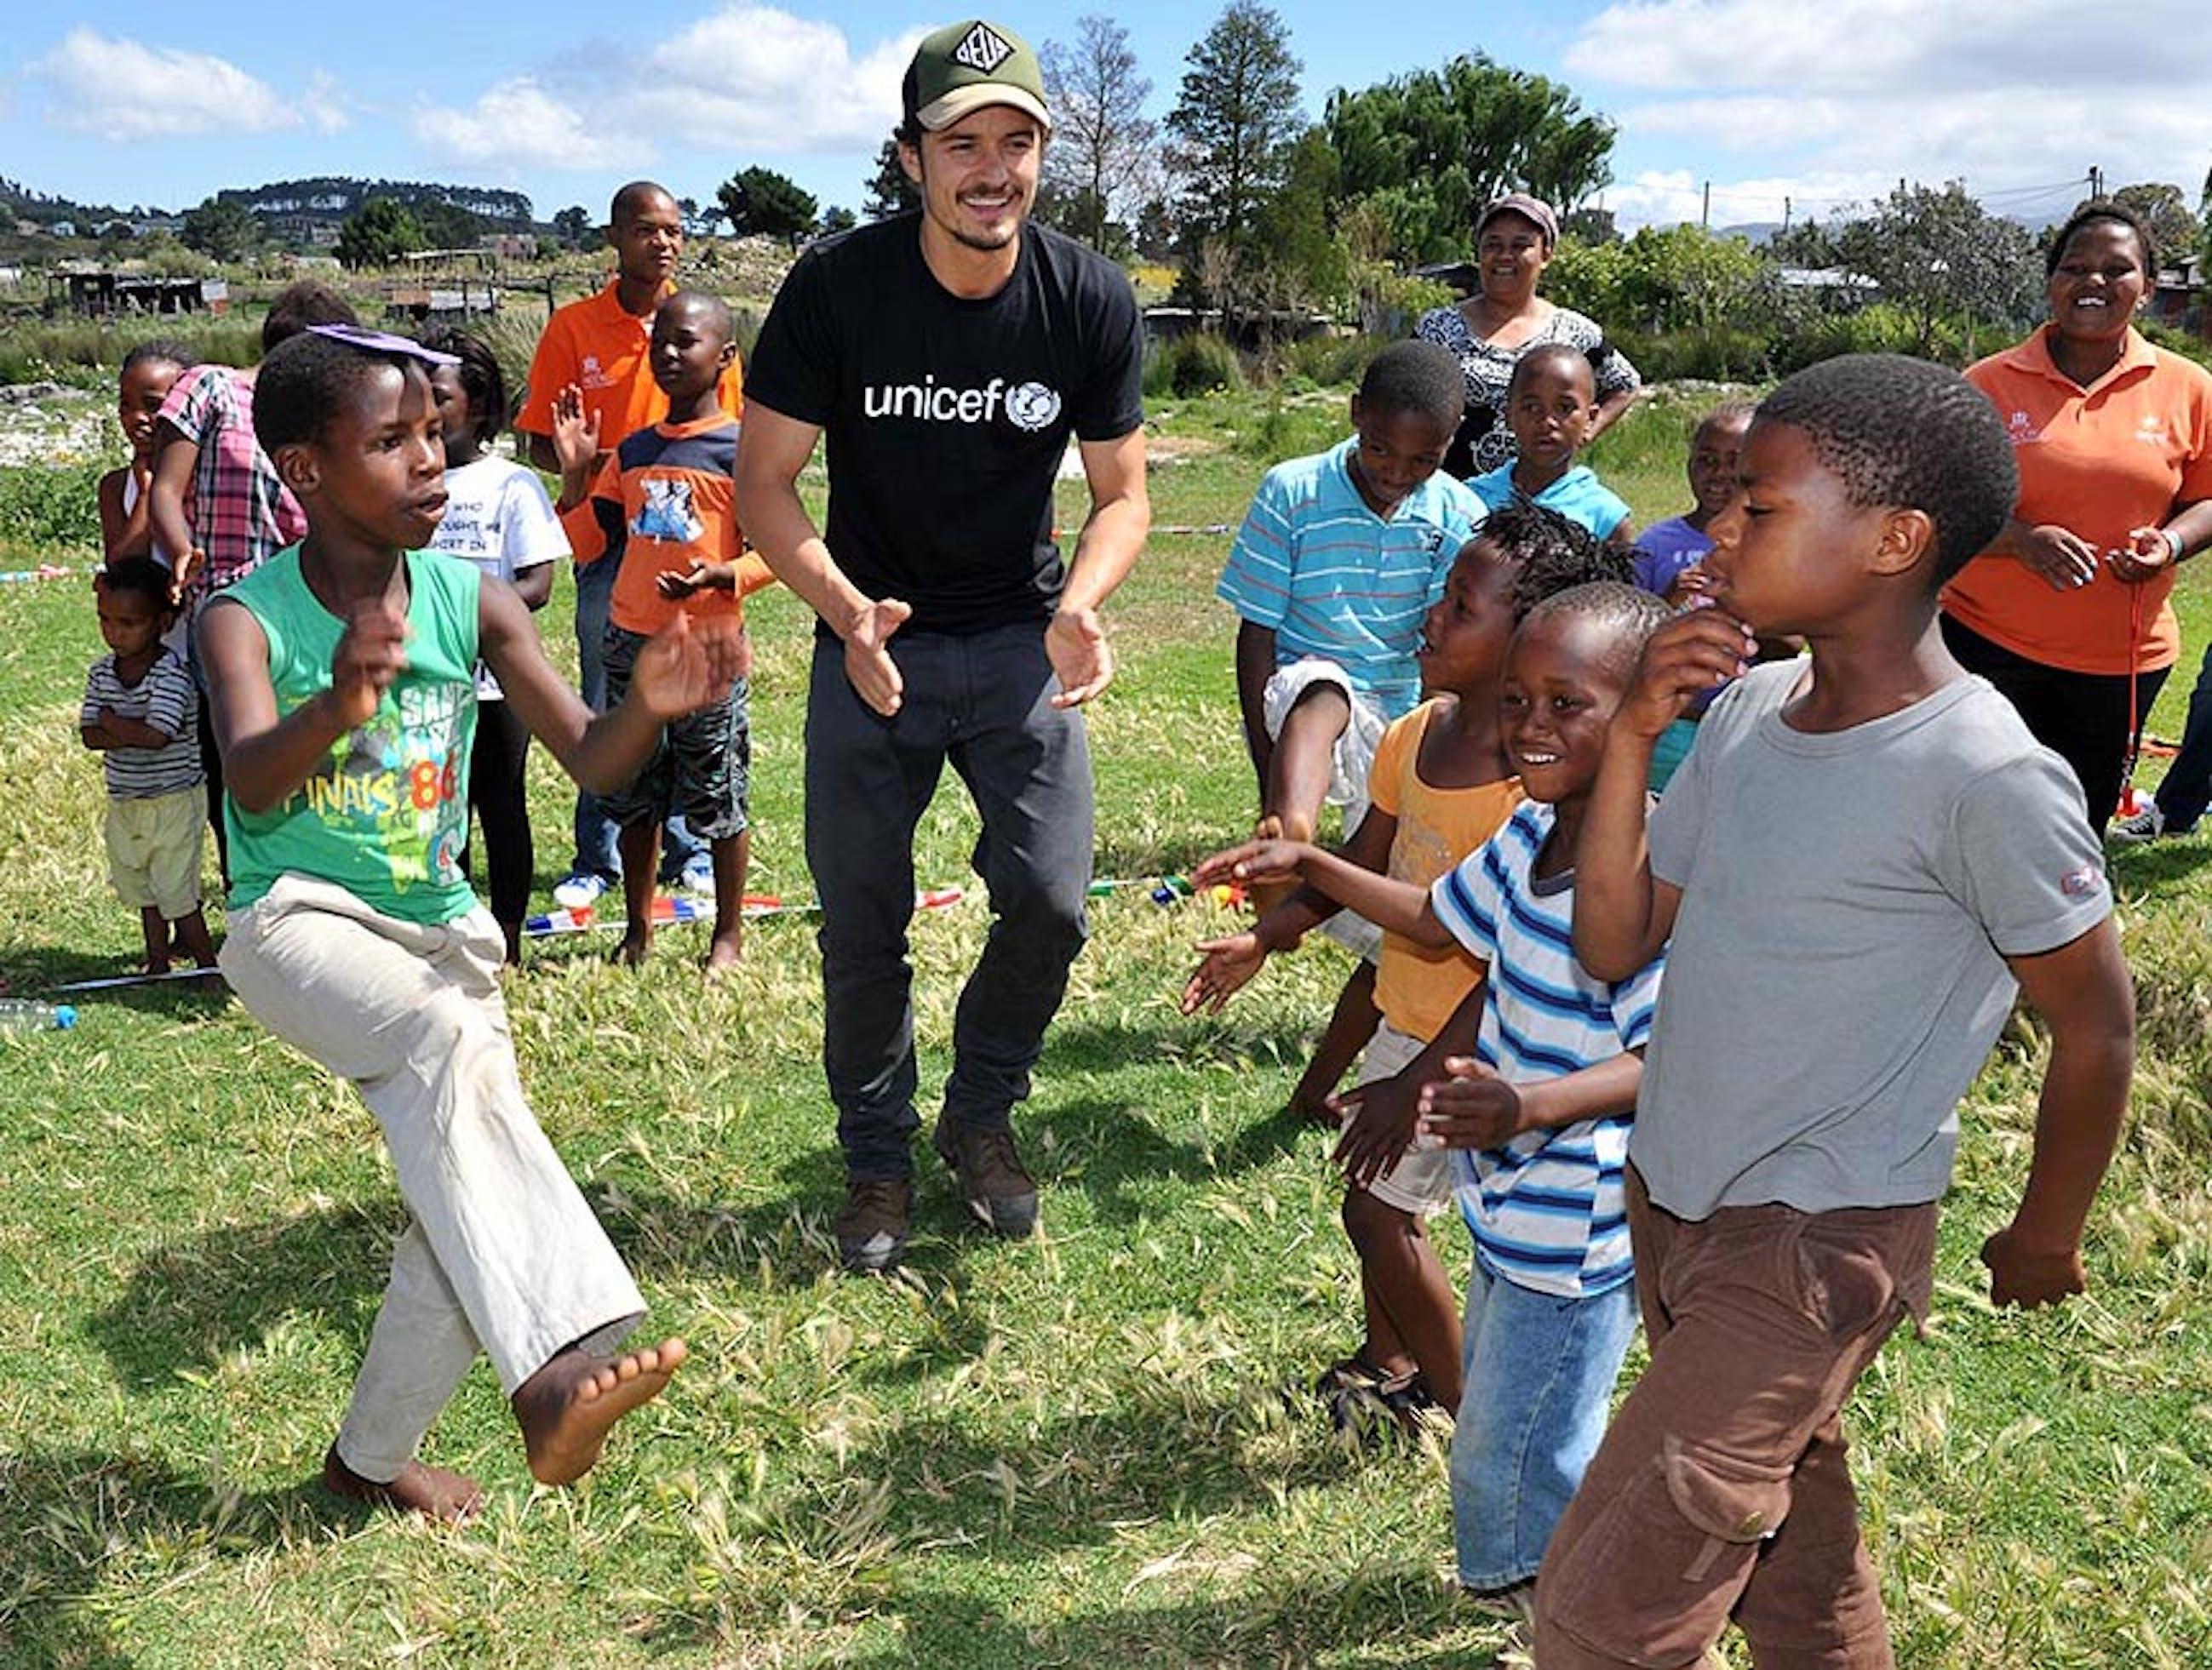 Orlando Bloom durante la sua visita ai progetti UNICEF in Sudafrica - ©UNICEF/2012/Eric Miller